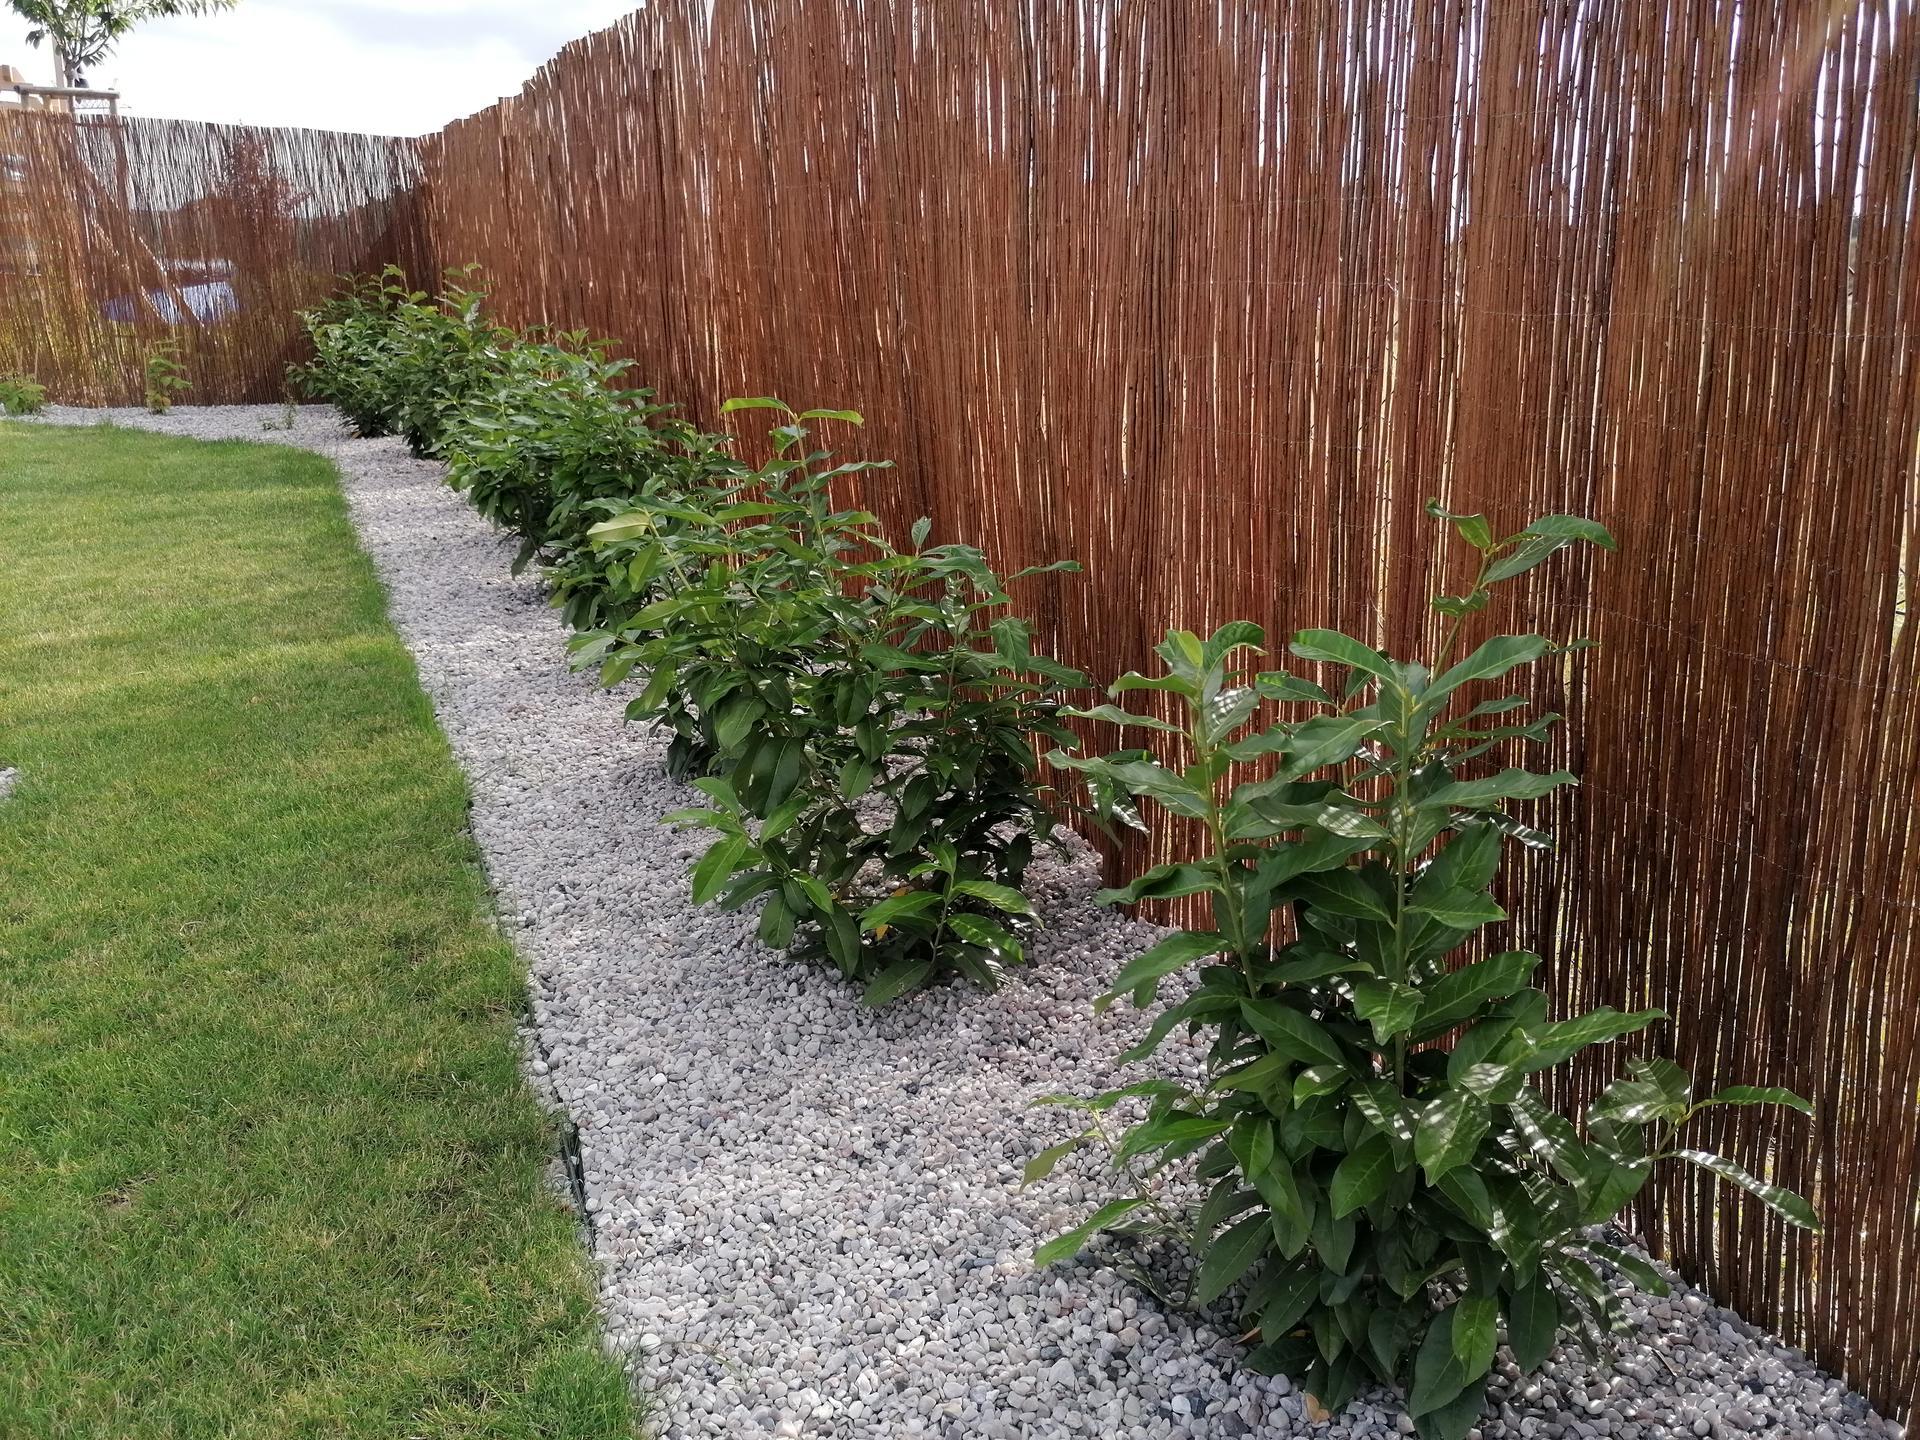 Začínáme se zahrádkou - Budoucí živý plot z bobkovišní